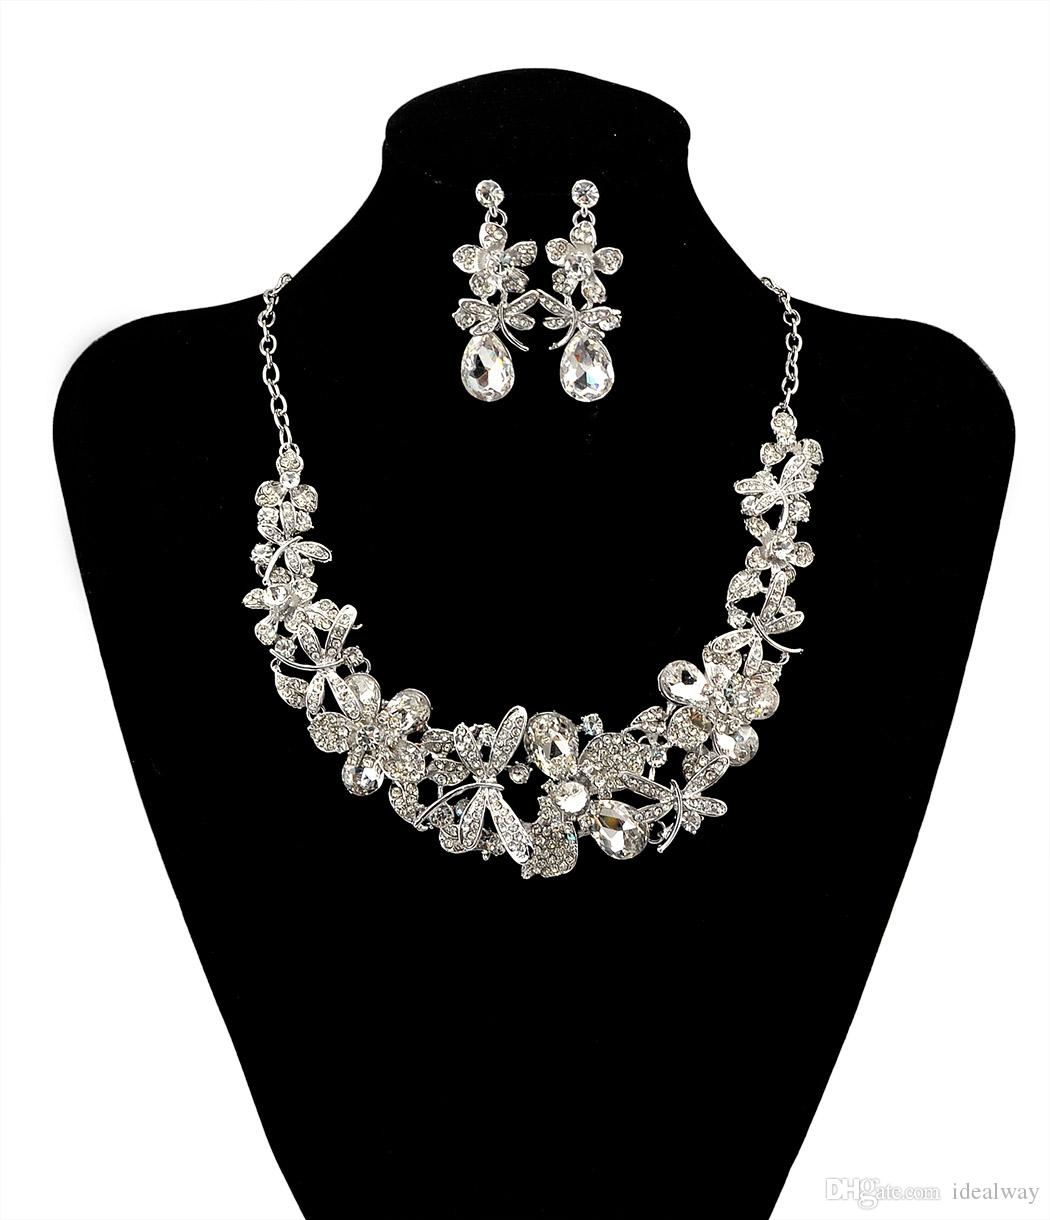 Moda Kore Tarzı Gümüş Zincir Renkli Charm Rhinestone Güzel Çiçek Yusufçuk Önlüğü Bildirimi Kolye Ve Küpe Seti Kadınlar Takı